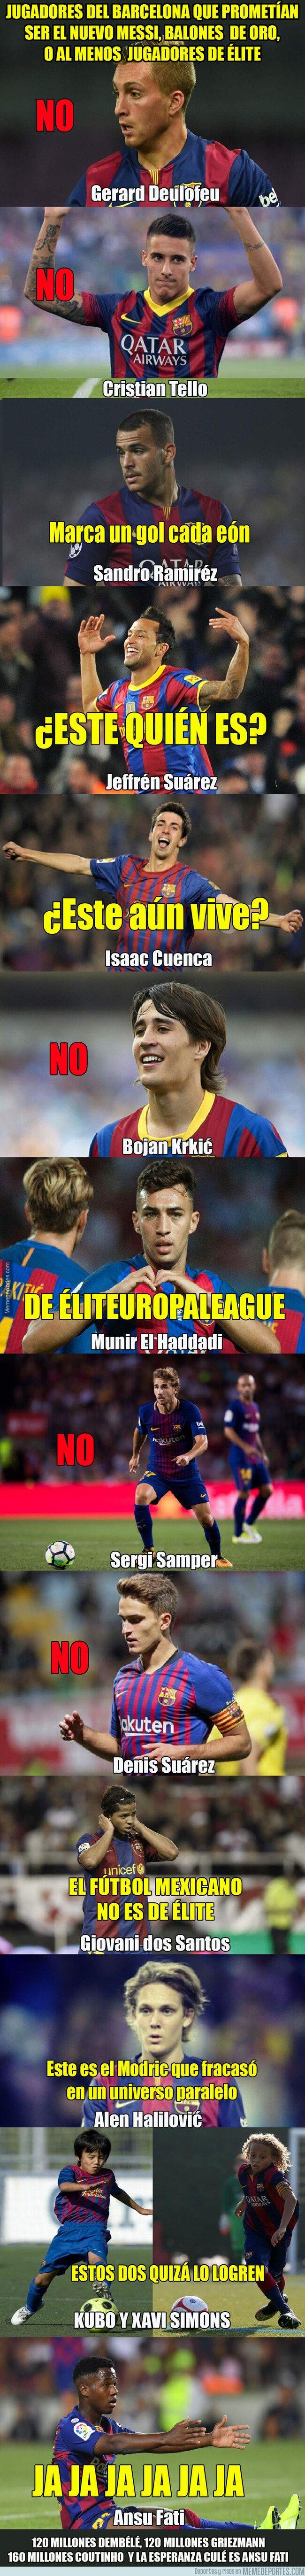 1090553 - Jugadores del Barça que prometían mucho y se quedaron por el camino